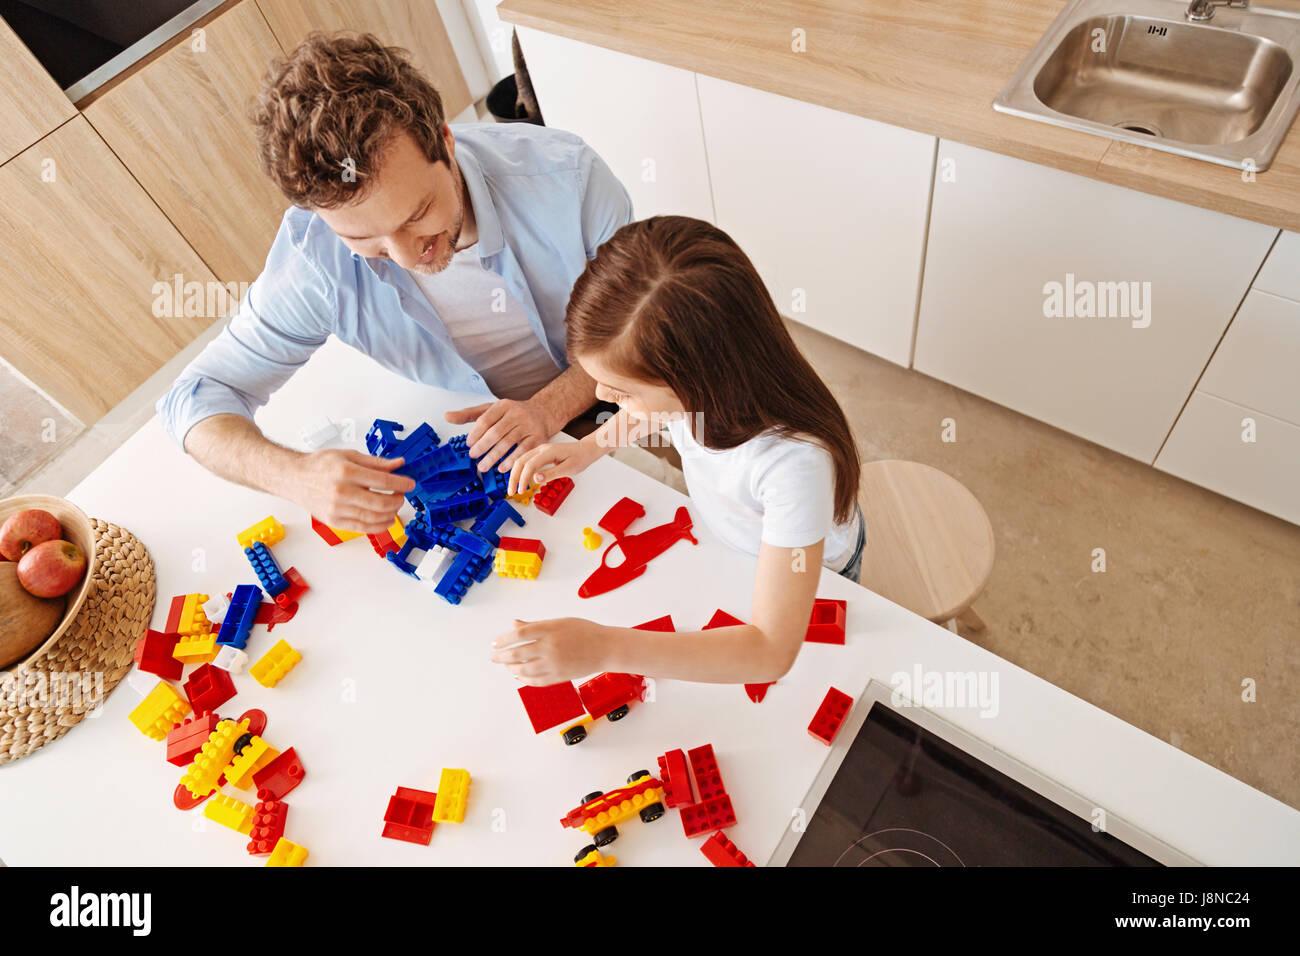 En pleno apogeo. Optimista sonriente padre y su pequeña hija están totalmente dedicados a jugar juntos, Imagen De Stock